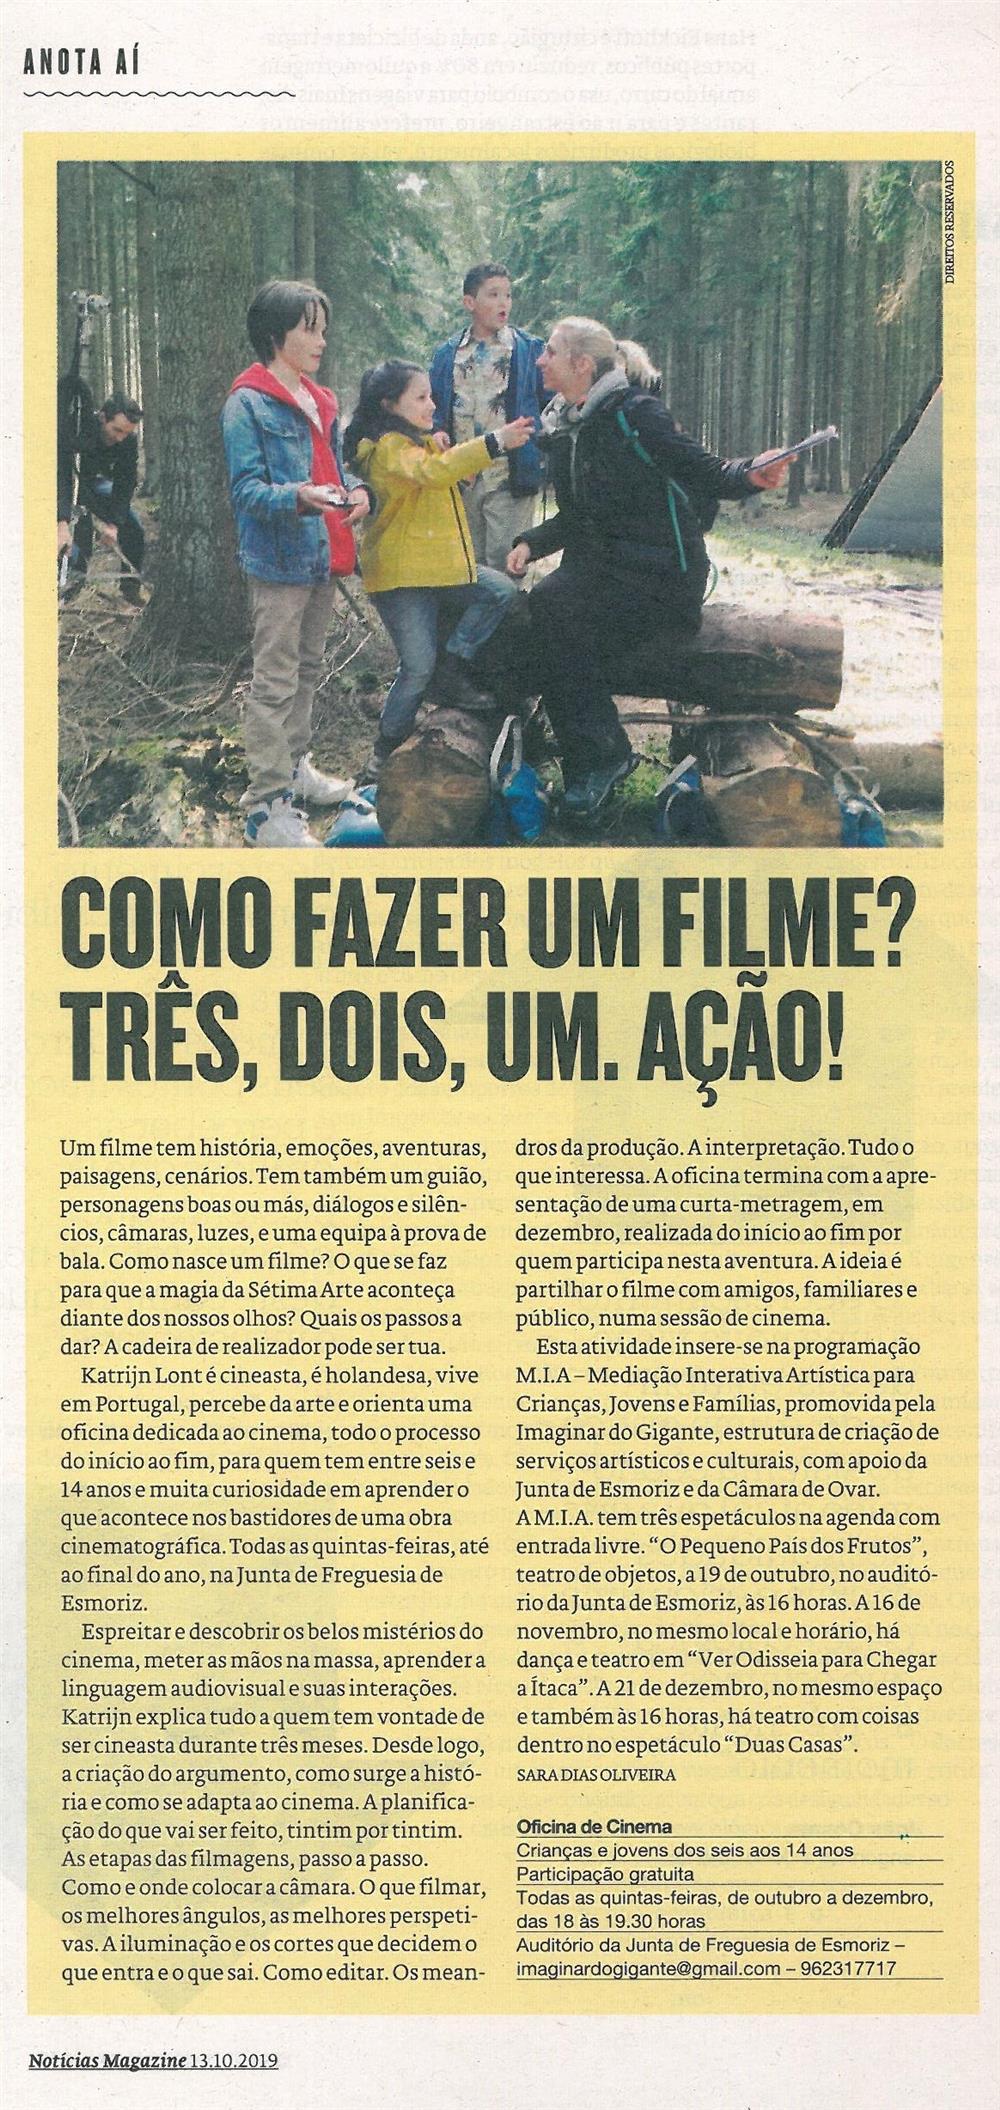 NMagazine-13out.'19-p.33-Como fazer um filme : três, dois, um, ação.jpg